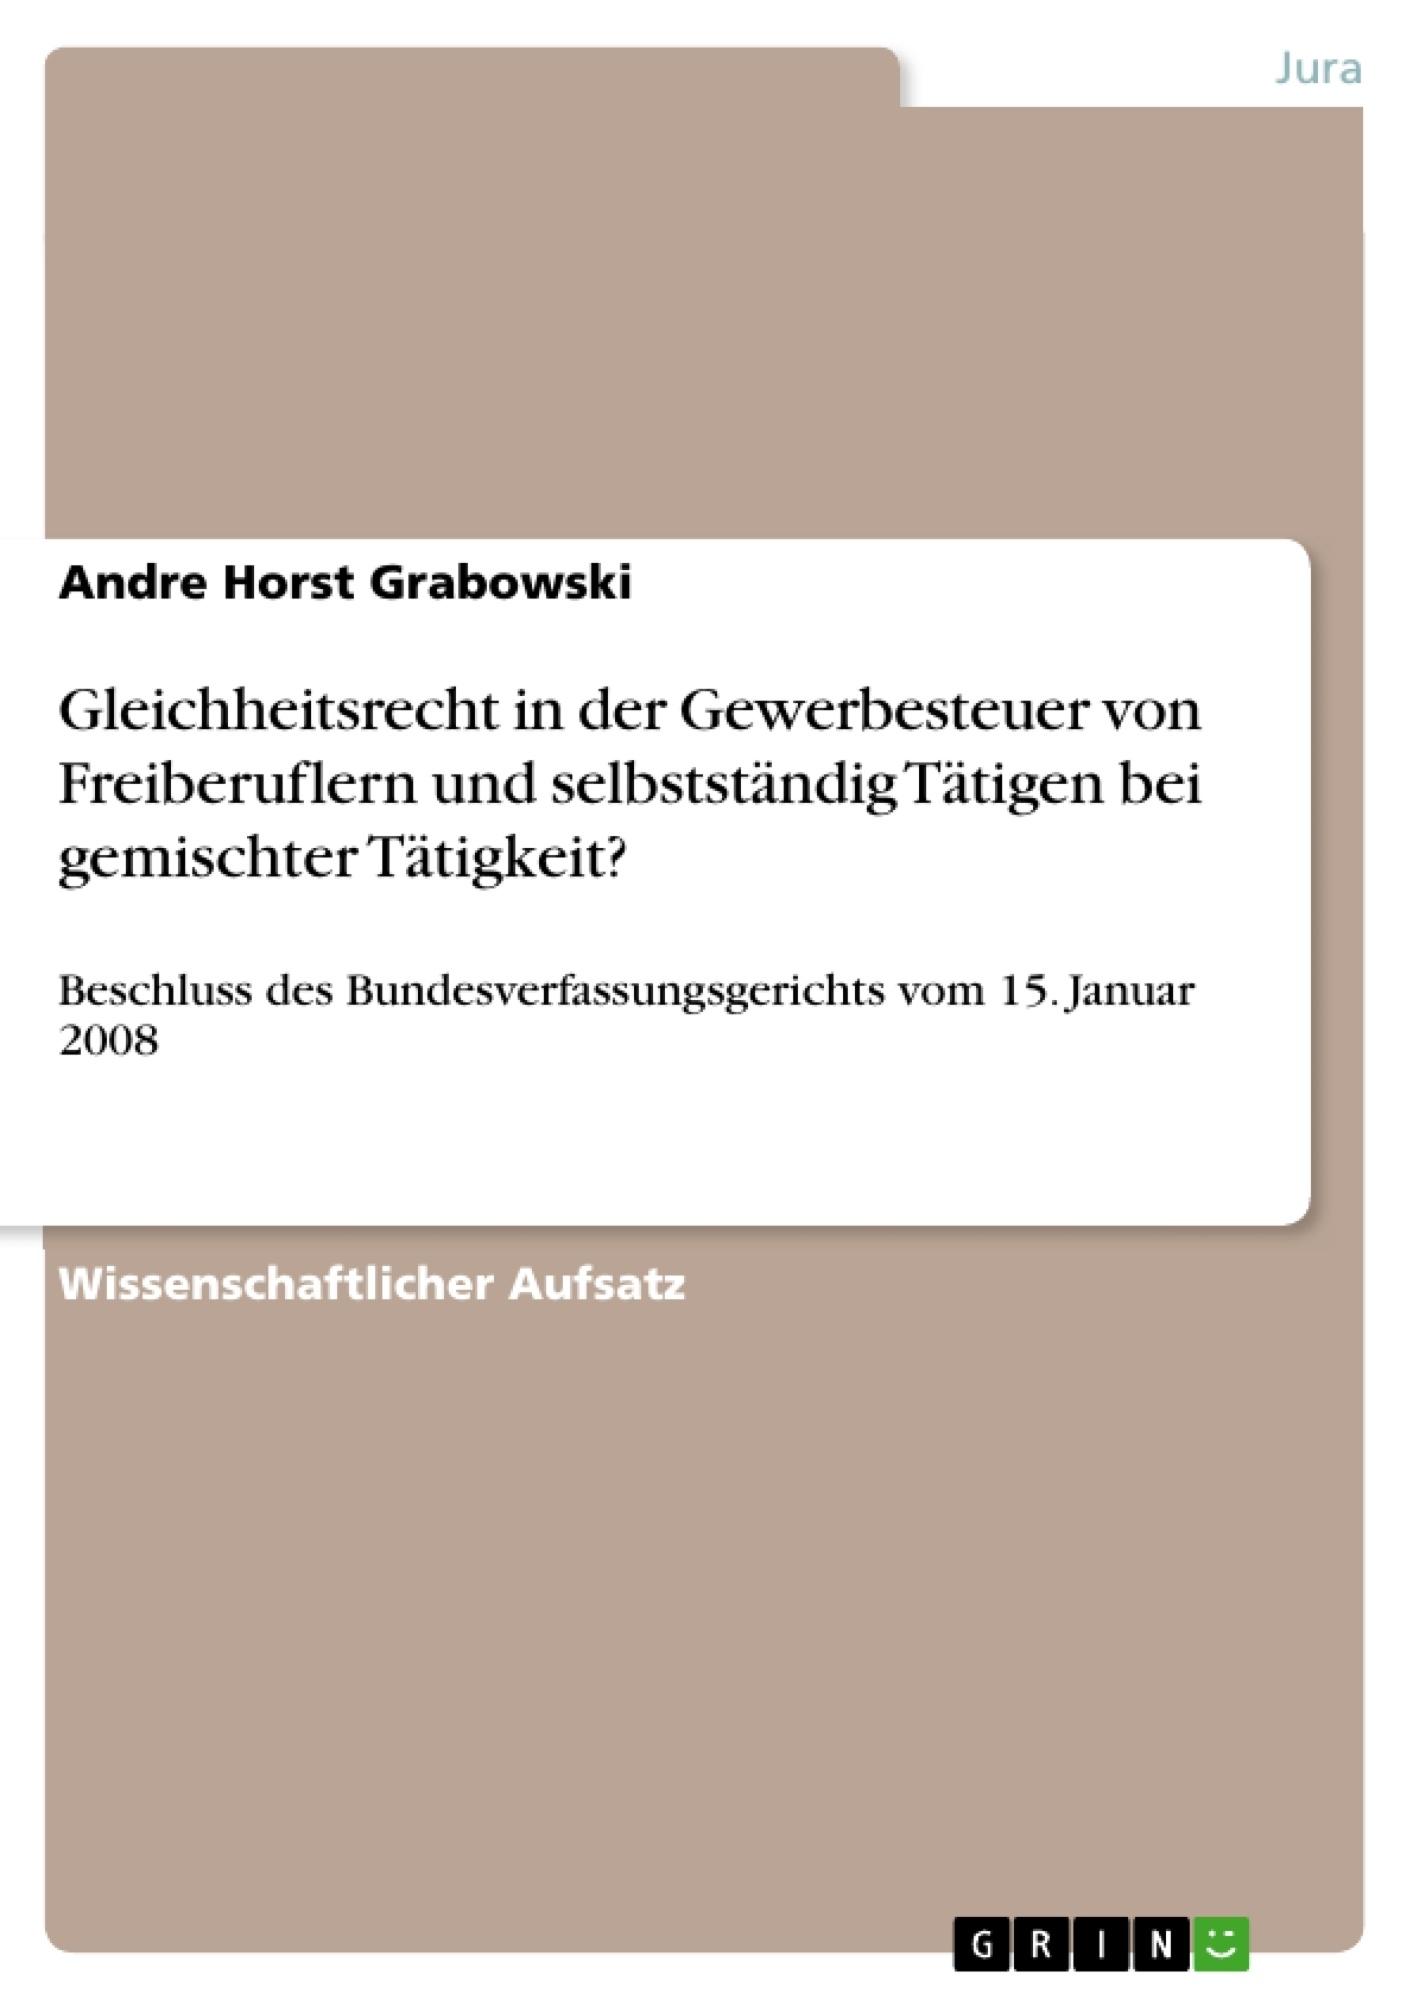 Titel: Gleichheitsrecht in der Gewerbesteuer von Freiberuflern und selbstständig Tätigen bei gemischter Tätigkeit?